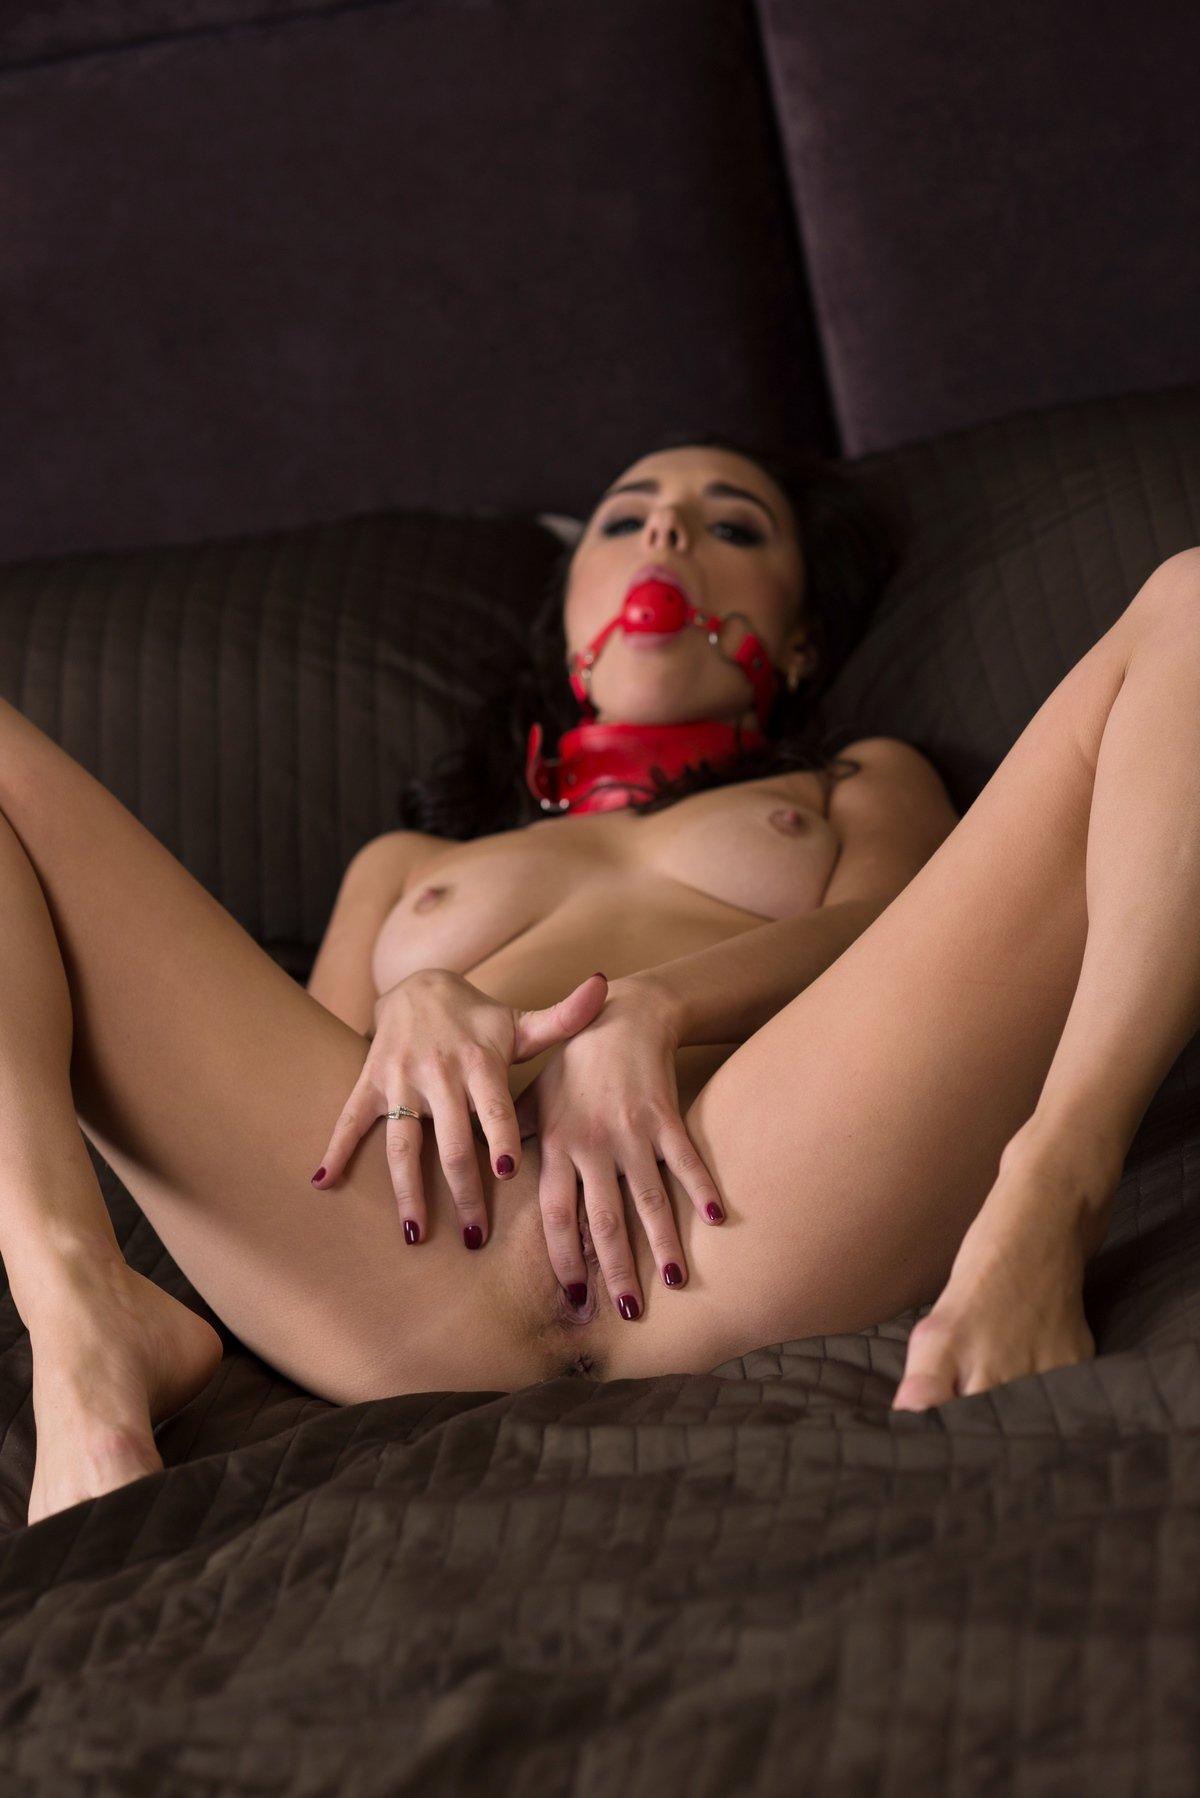 Чувственная порнушка сексапильной брюнетки с кляпом секс фото